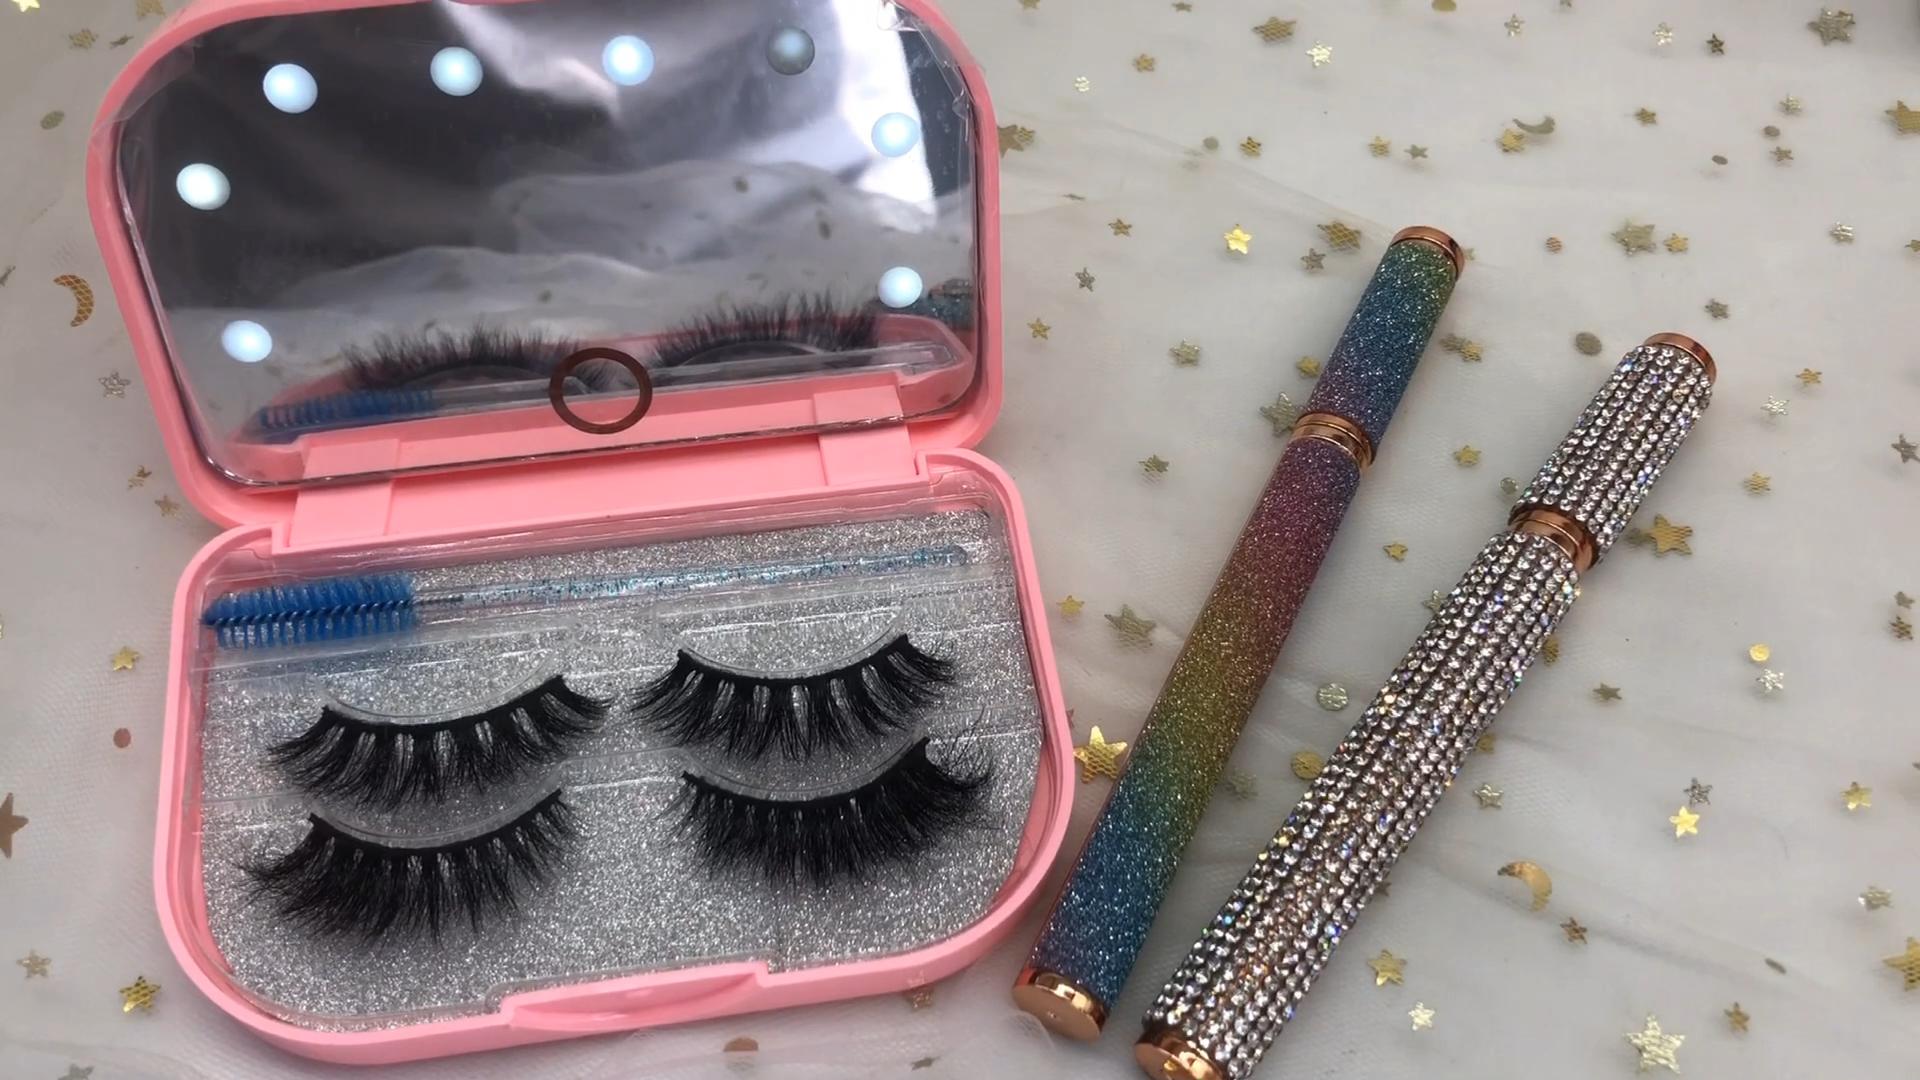 Fashion Rhinestone eyelash book 10 Pair 16 pair100% real mink eyelash 25MM LASHES packing box